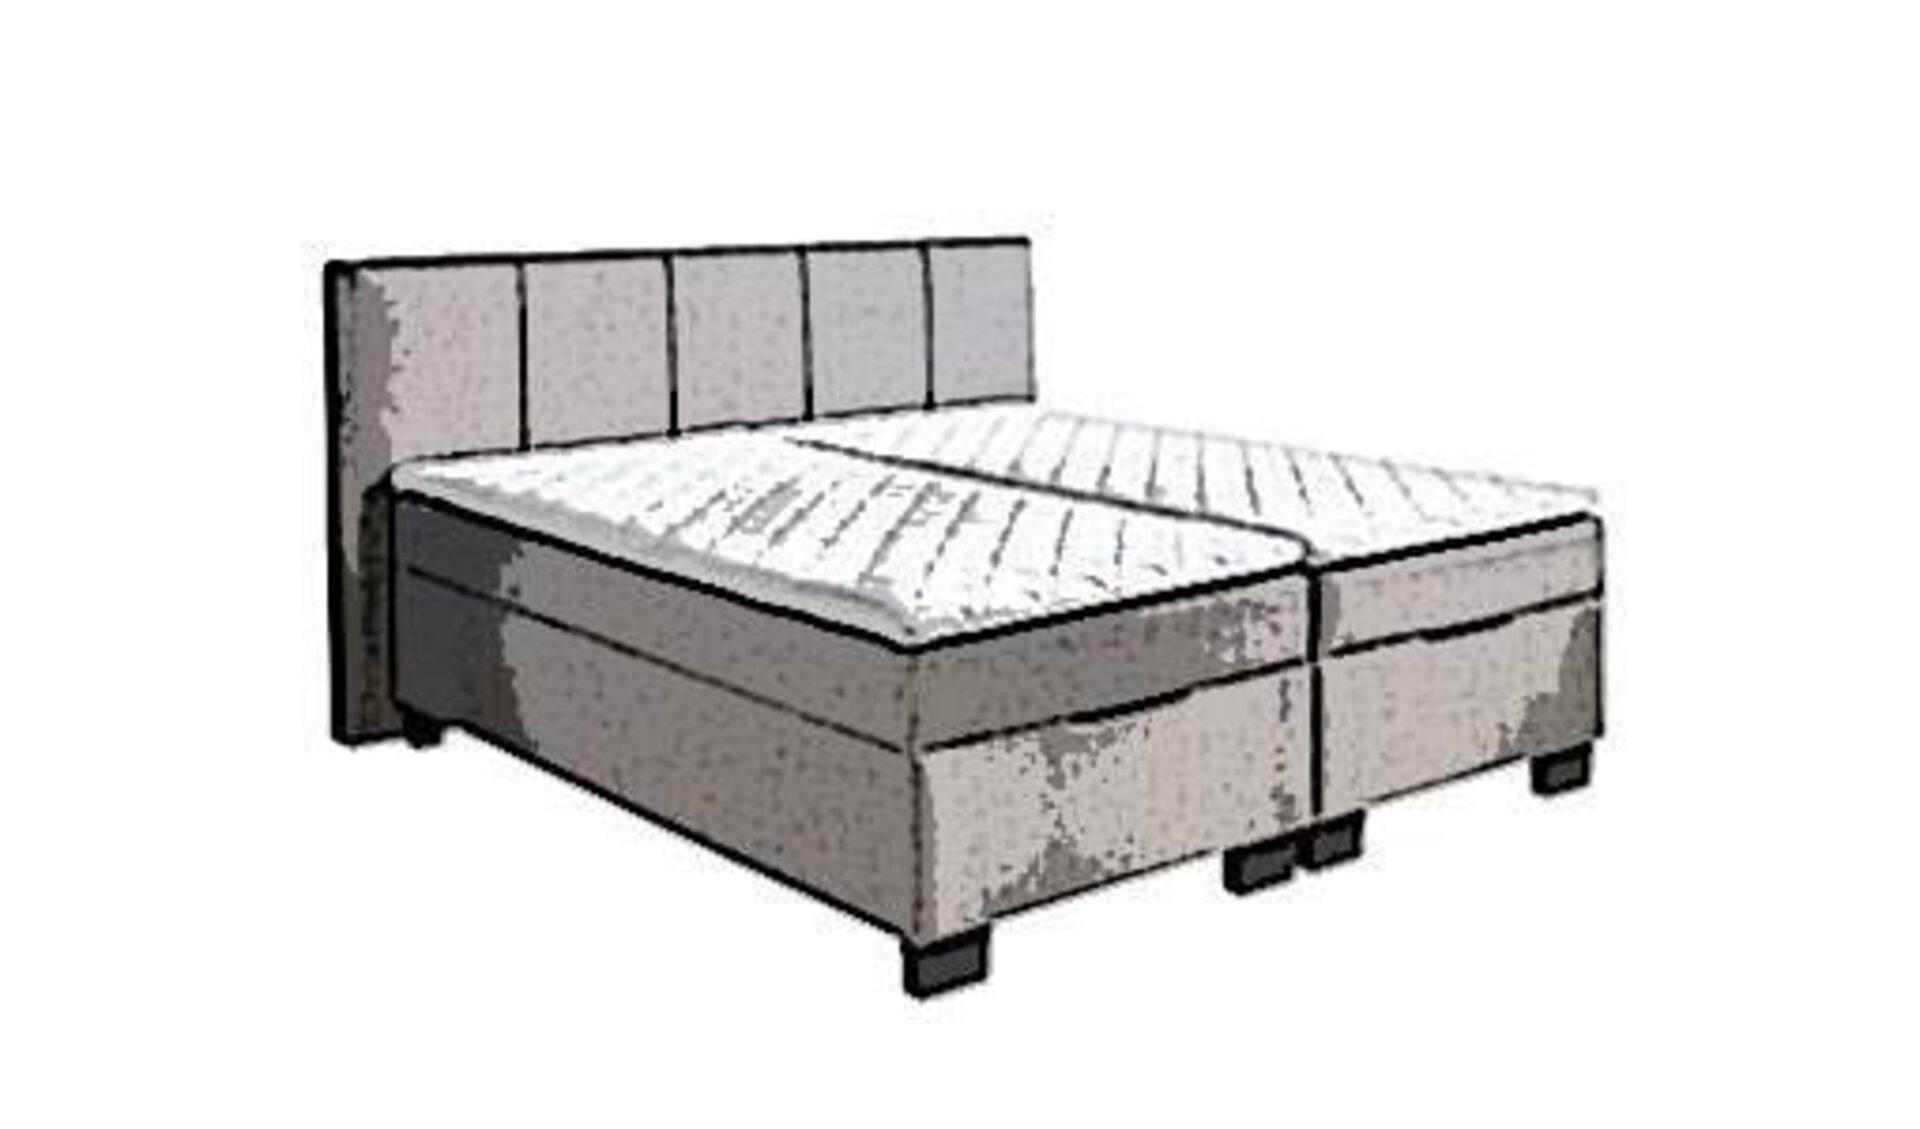 Stilisiertes Boxspringbett mit gepolstertem Kopfteil in Grautönen als Sinnbild für die in der Kategorie enthaltenen Boxspringbetten.